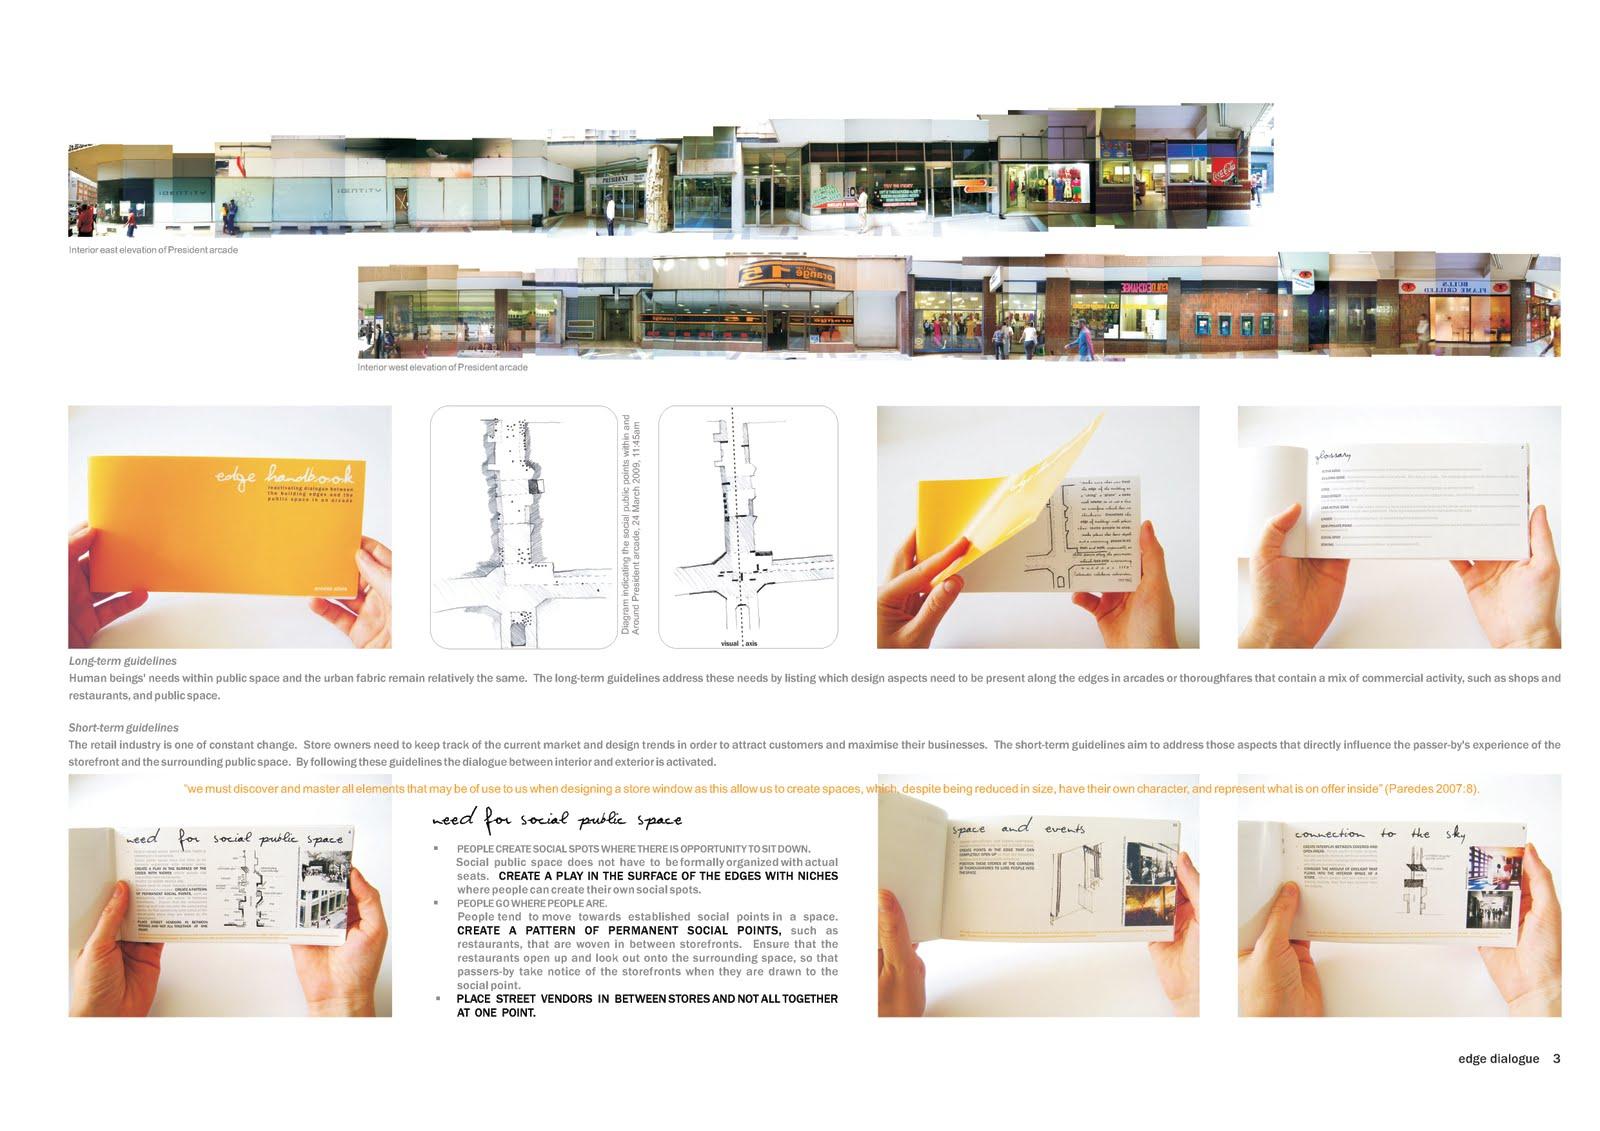 THESIS  Urban Design and Development of a Public Space     Bridge Jen Krava